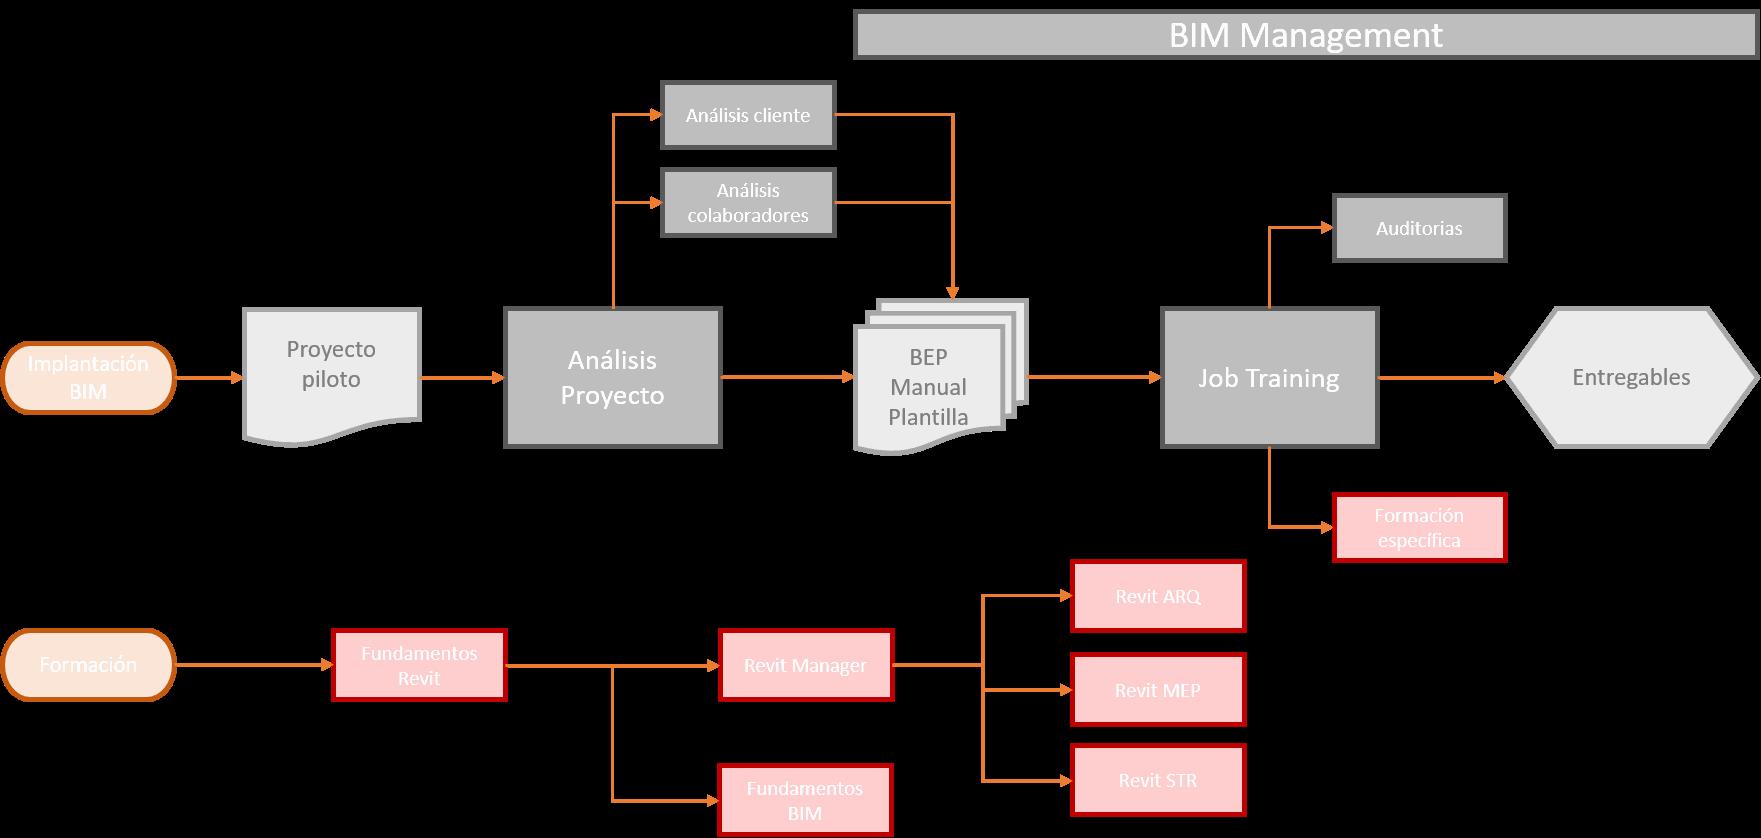 Imagen 2. Processing map de MSI. Fuente propia.